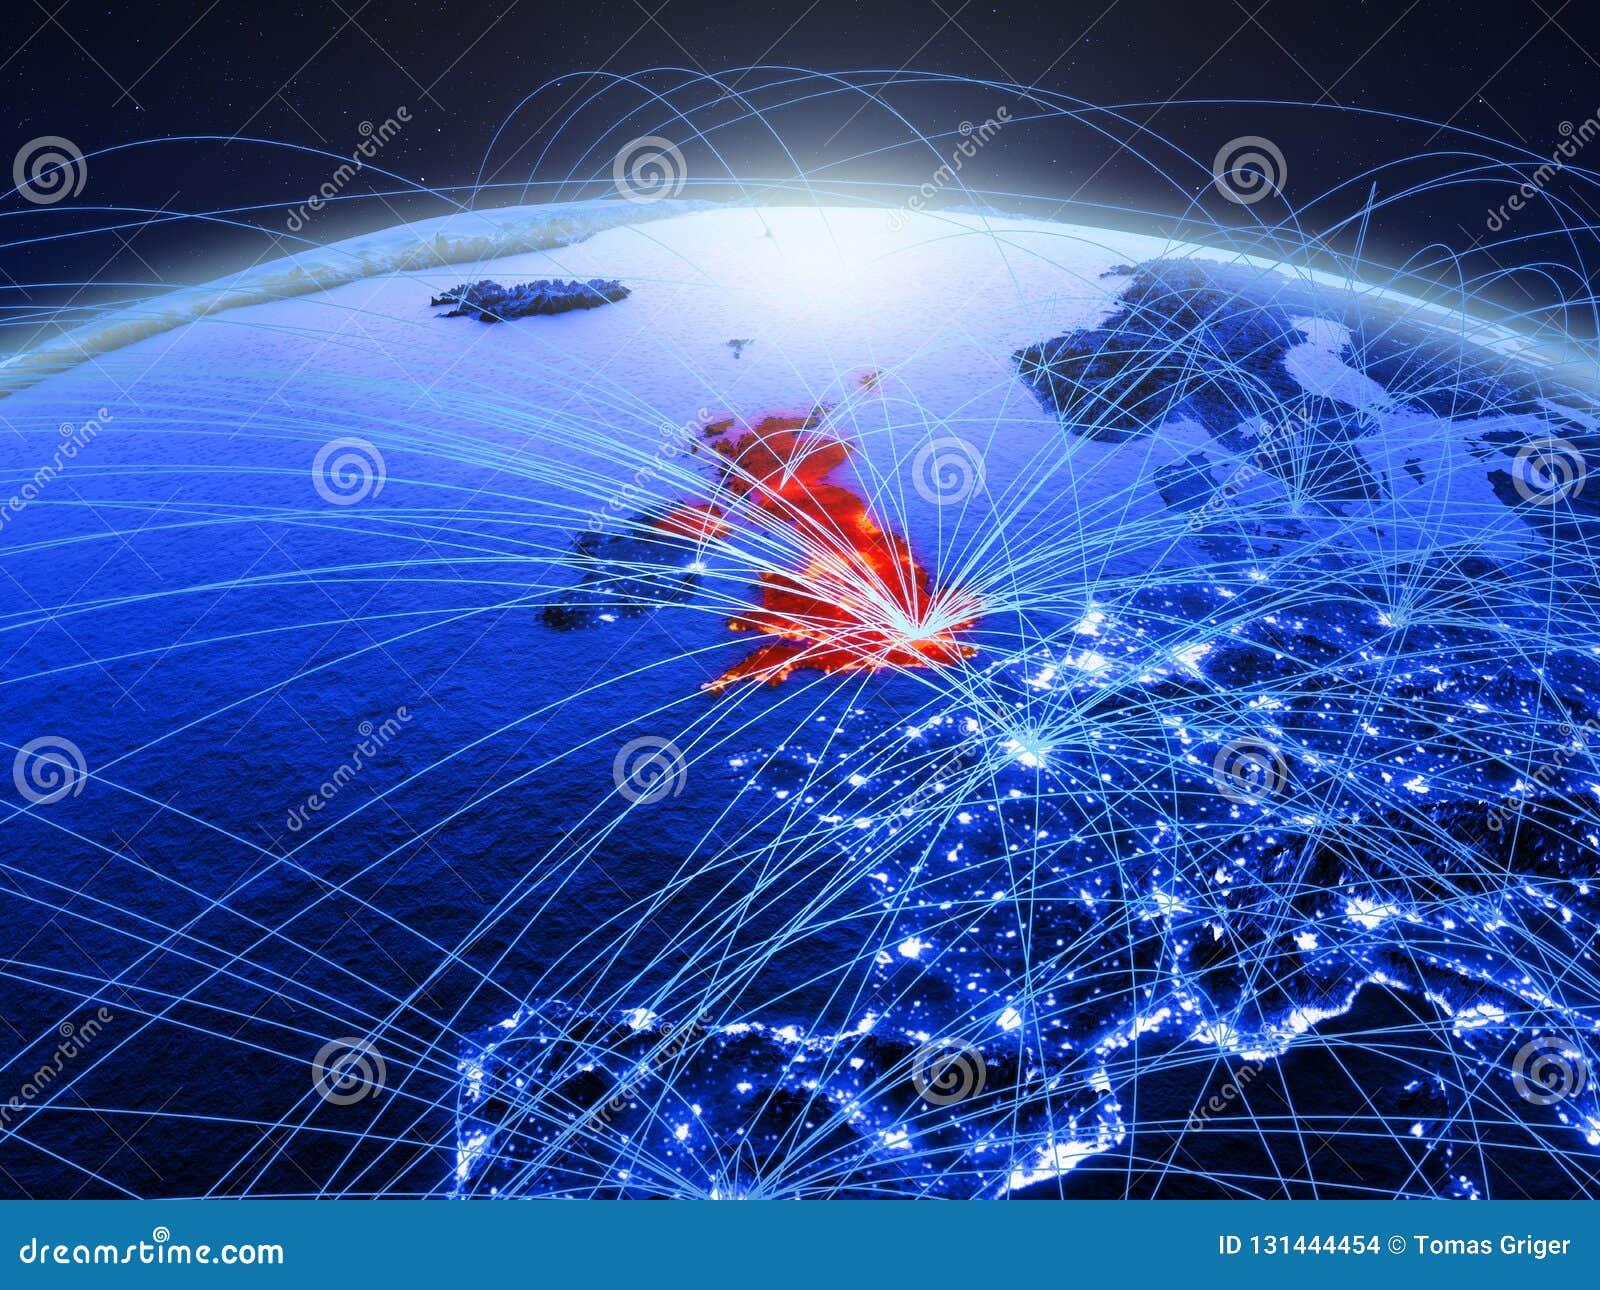 Ηνωμένο Βασίλειο μπλε ψηφιακός πλανήτης Γη με το διεθνές δίκτυο που αντιπροσωπεύει την επικοινωνία, το ταξίδι και τις συνδέσεις τ